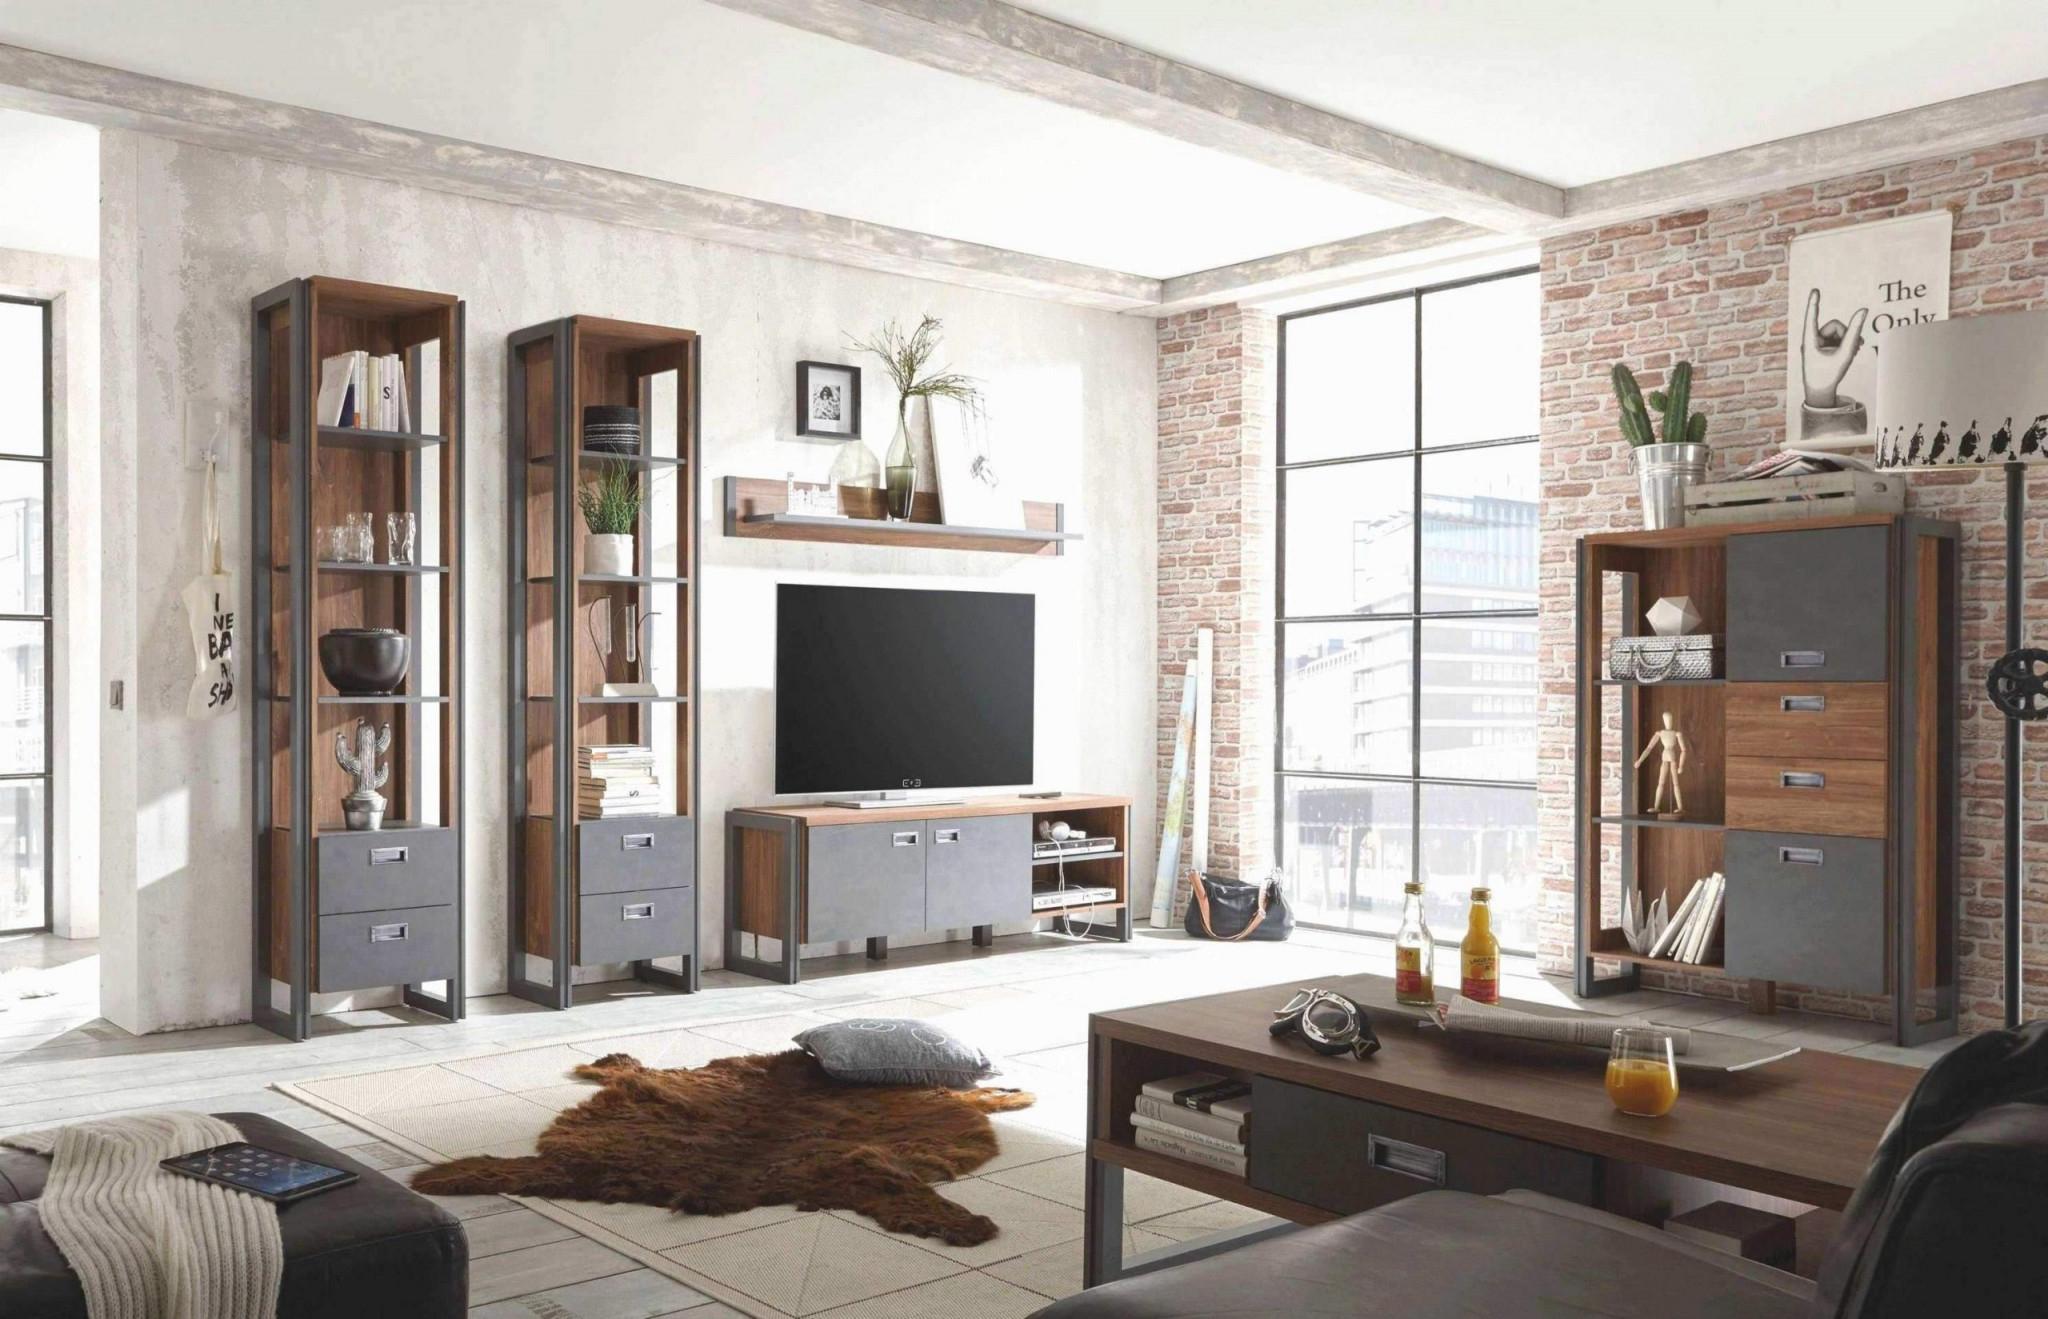 33 Reizend 16 Qm Wohnzimmer Einrichten Genial  Wohnzimmer von Ideen Wohnzimmer Einrichten Bild